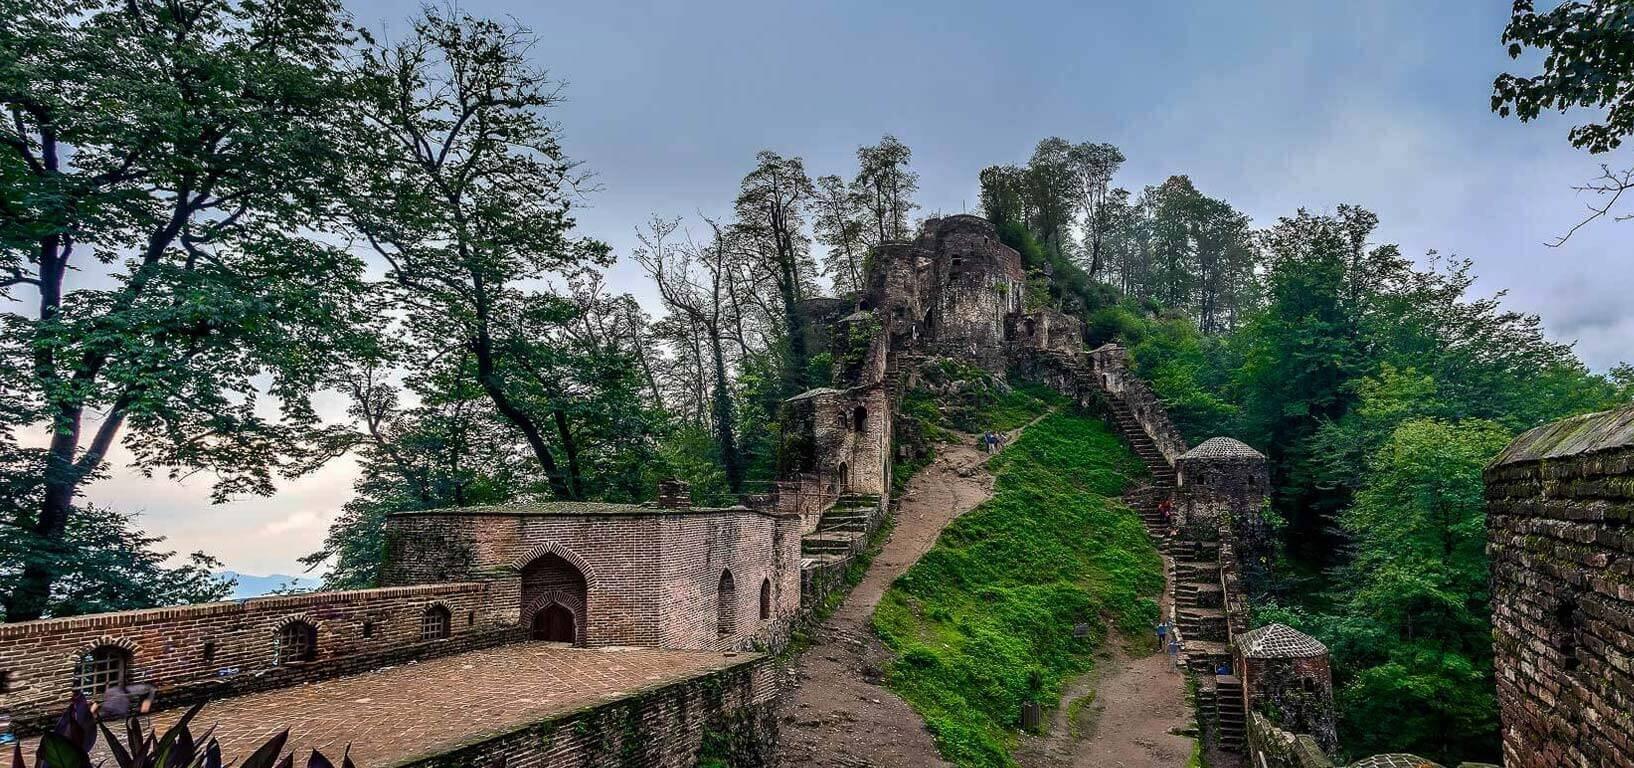 Rudkhan Castle ( Qal'eh Rukhan) rasht iran tour guide package travel cheetah adventures 2